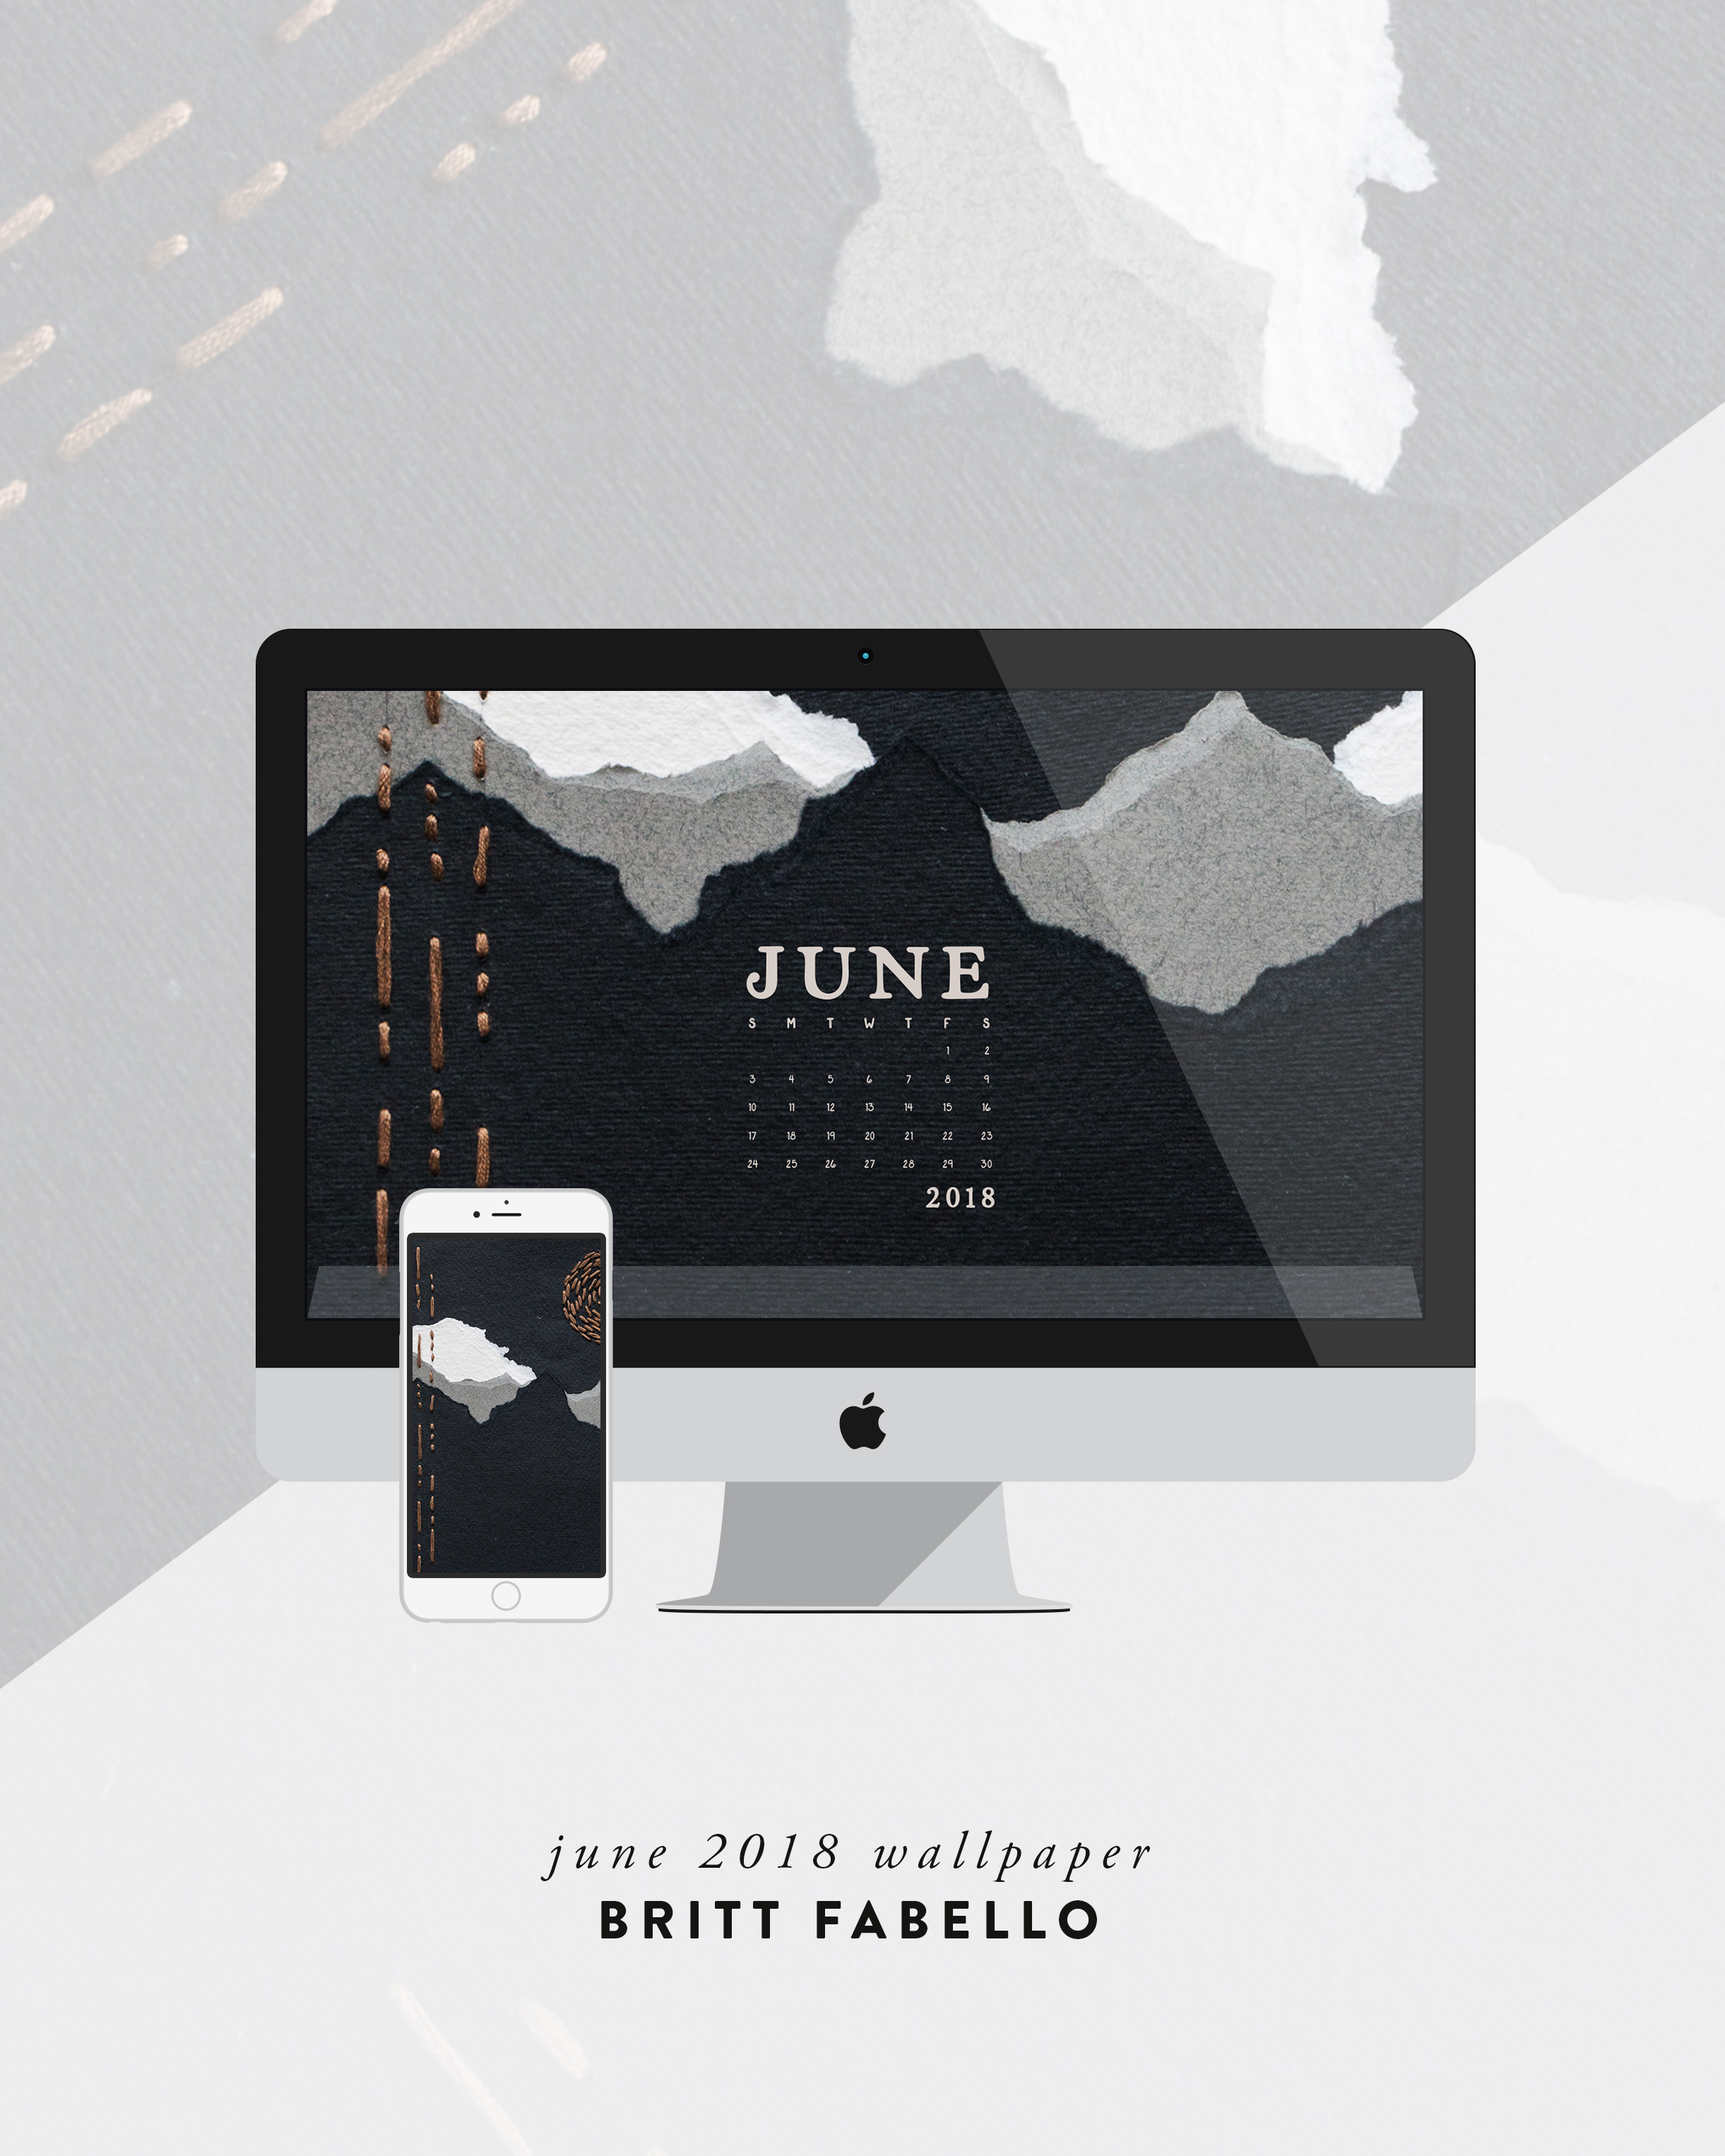 Wallpaper: June 2018 Calendar & Art | Britt Fabello